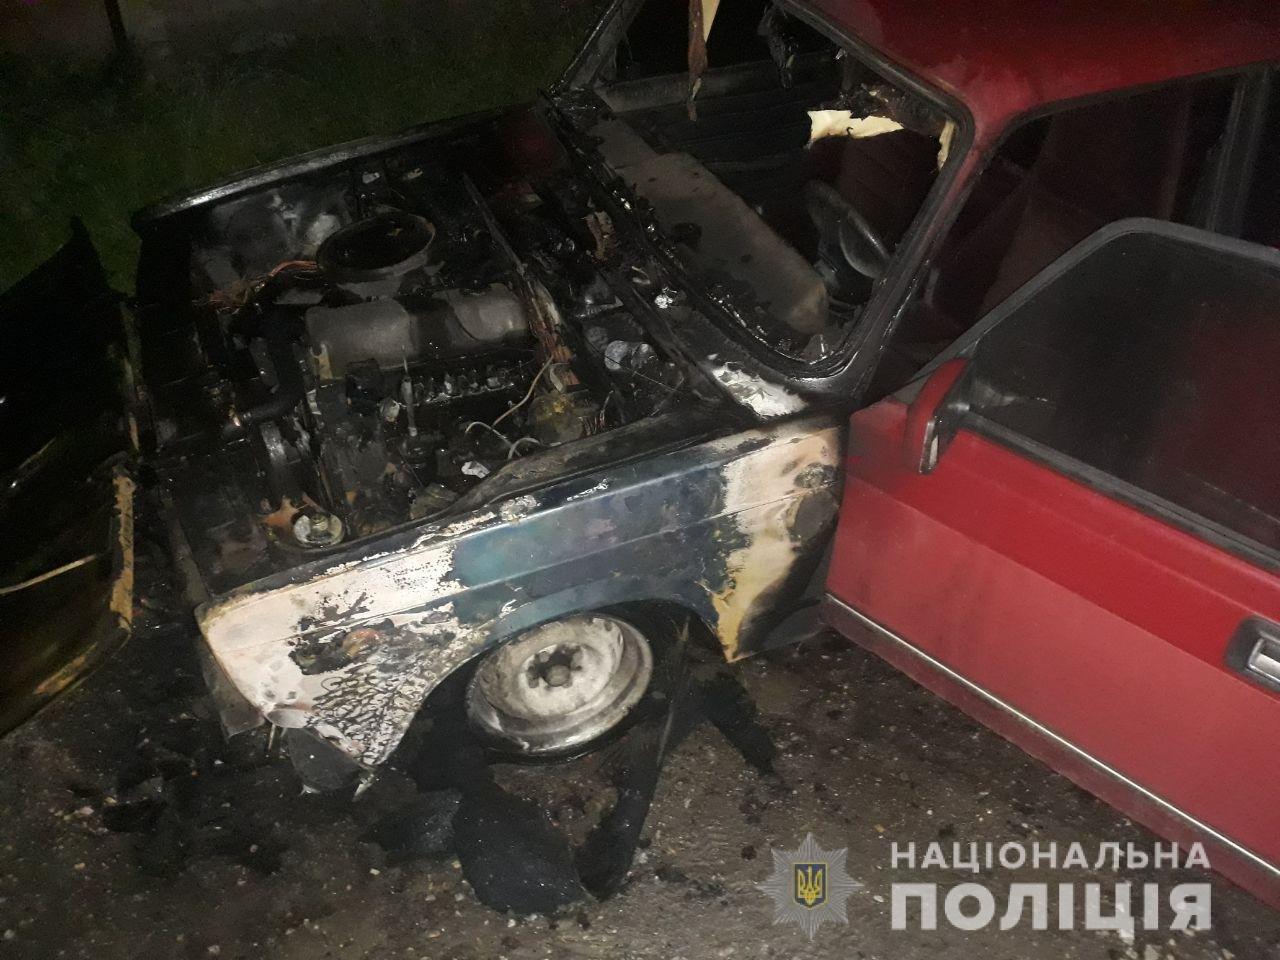 В Харькове за ночь сожгли два автомобиля, - ФОТО, фото-1